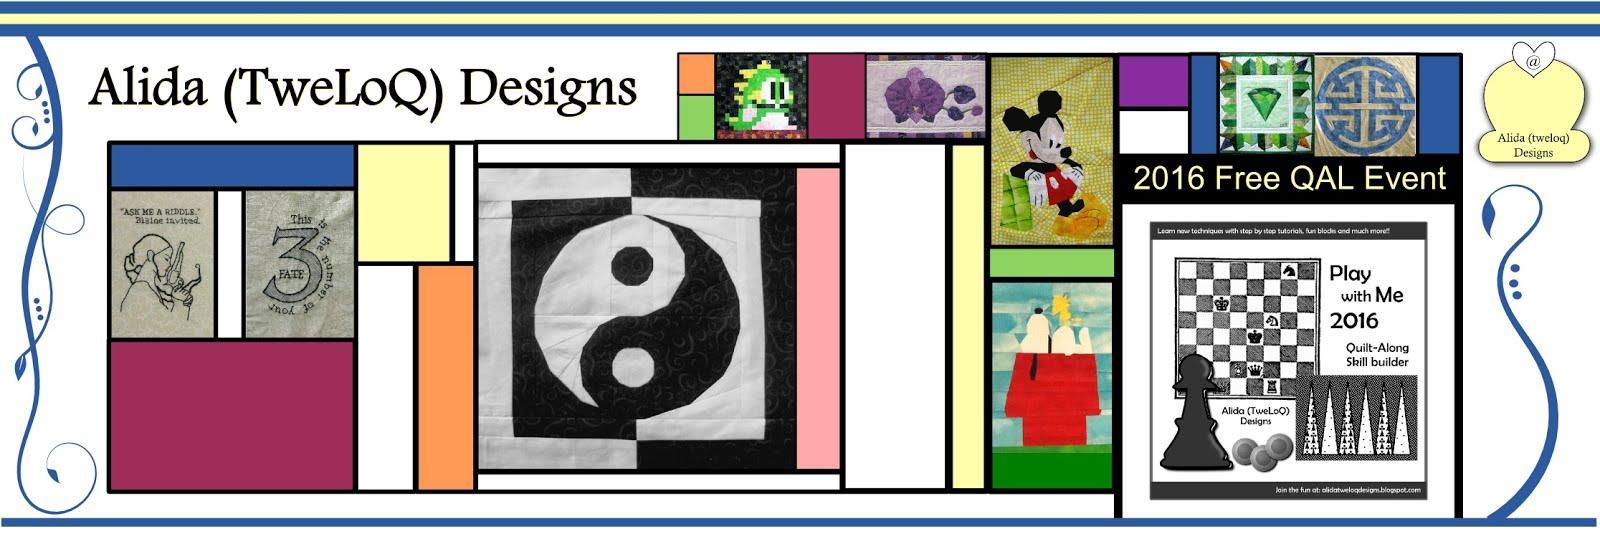 Alida (tweloq) Designs